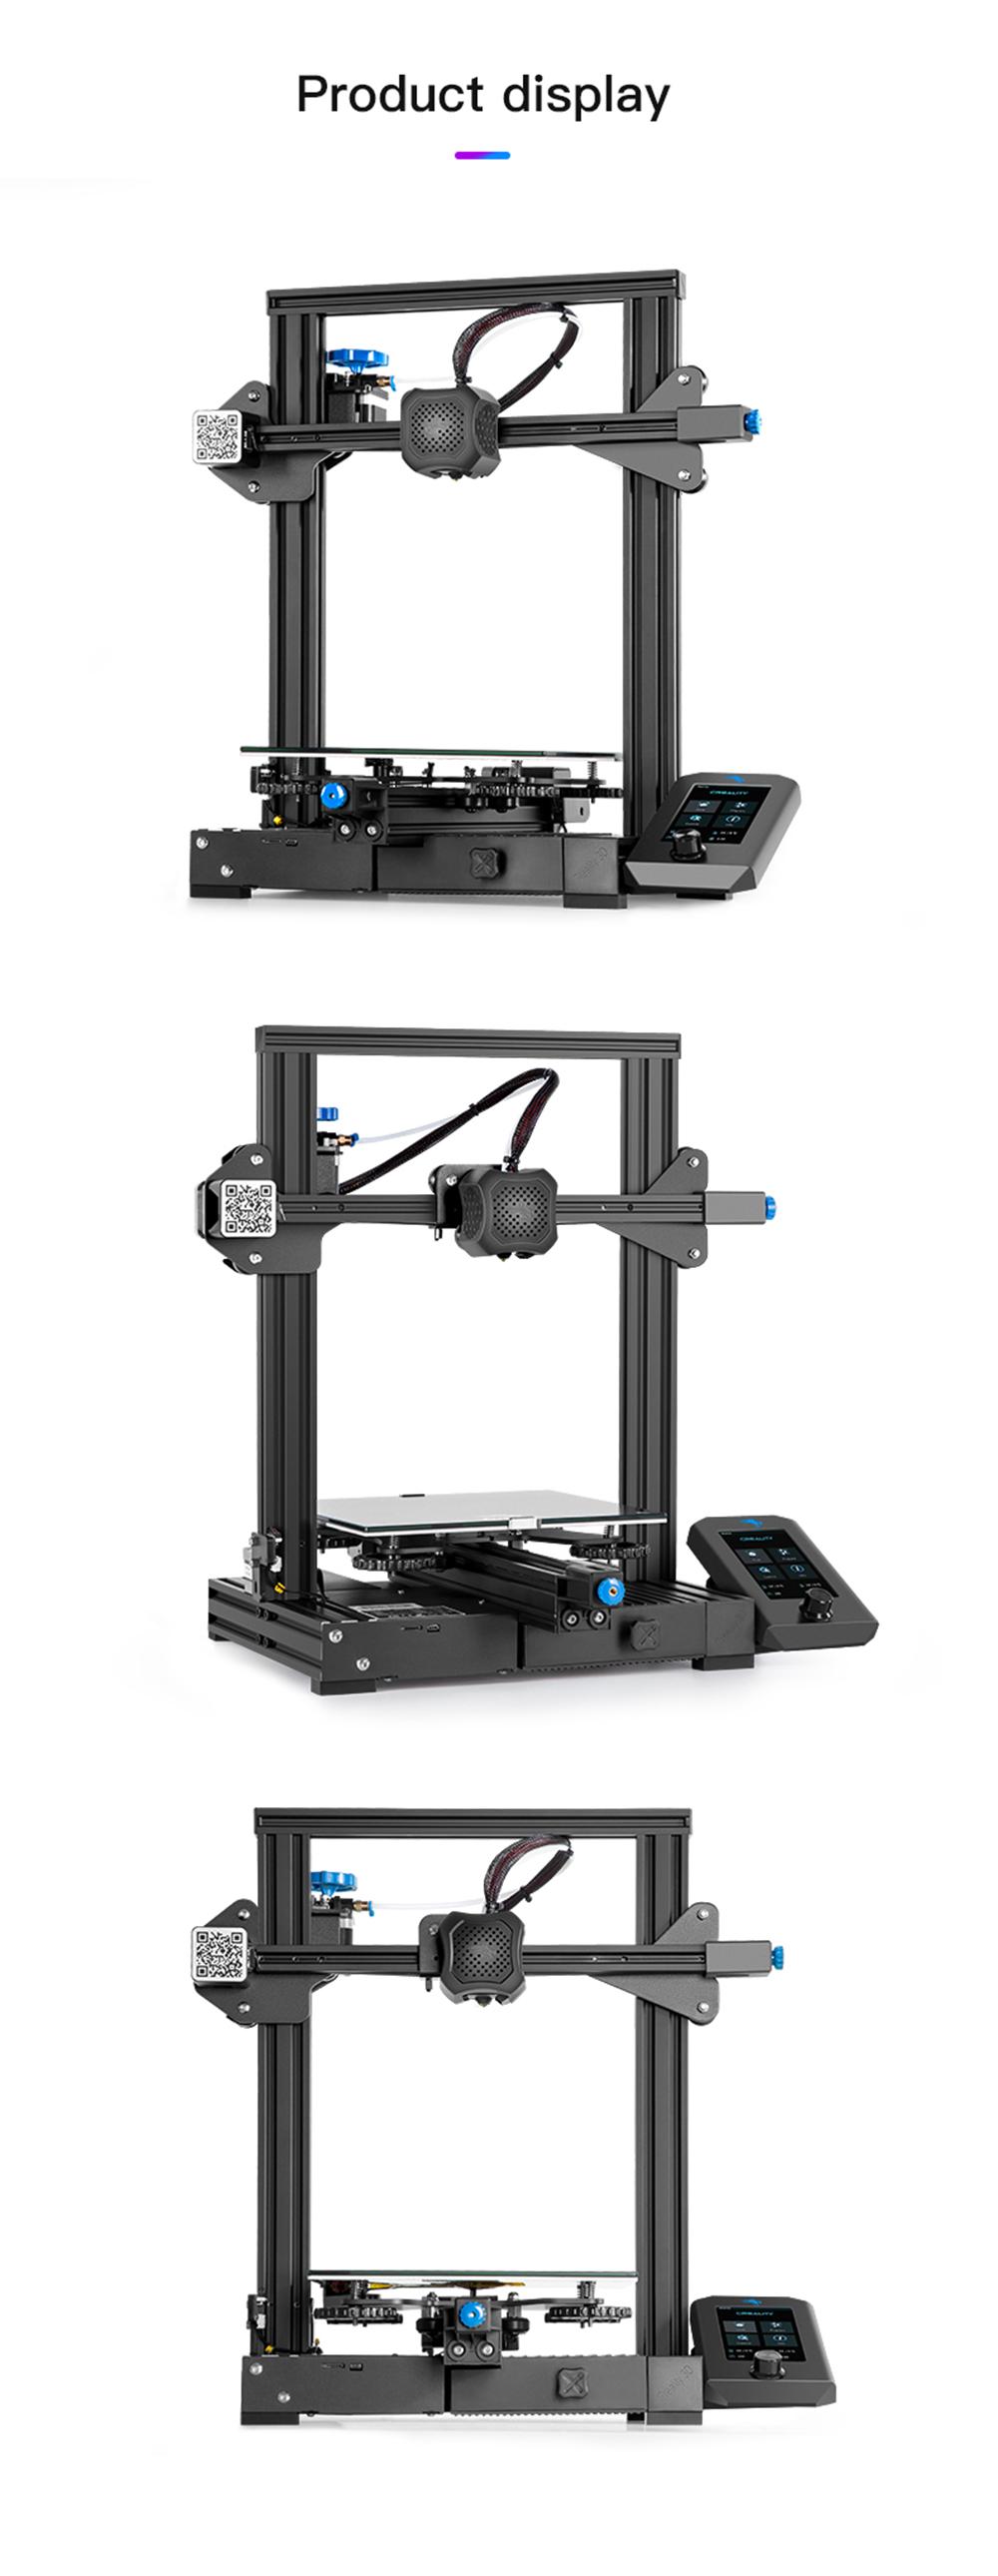 Creality3D Ender 3 V2 3D-Drucker Bausatz - 220x220x250mm - Verschiedene Druckeransichten